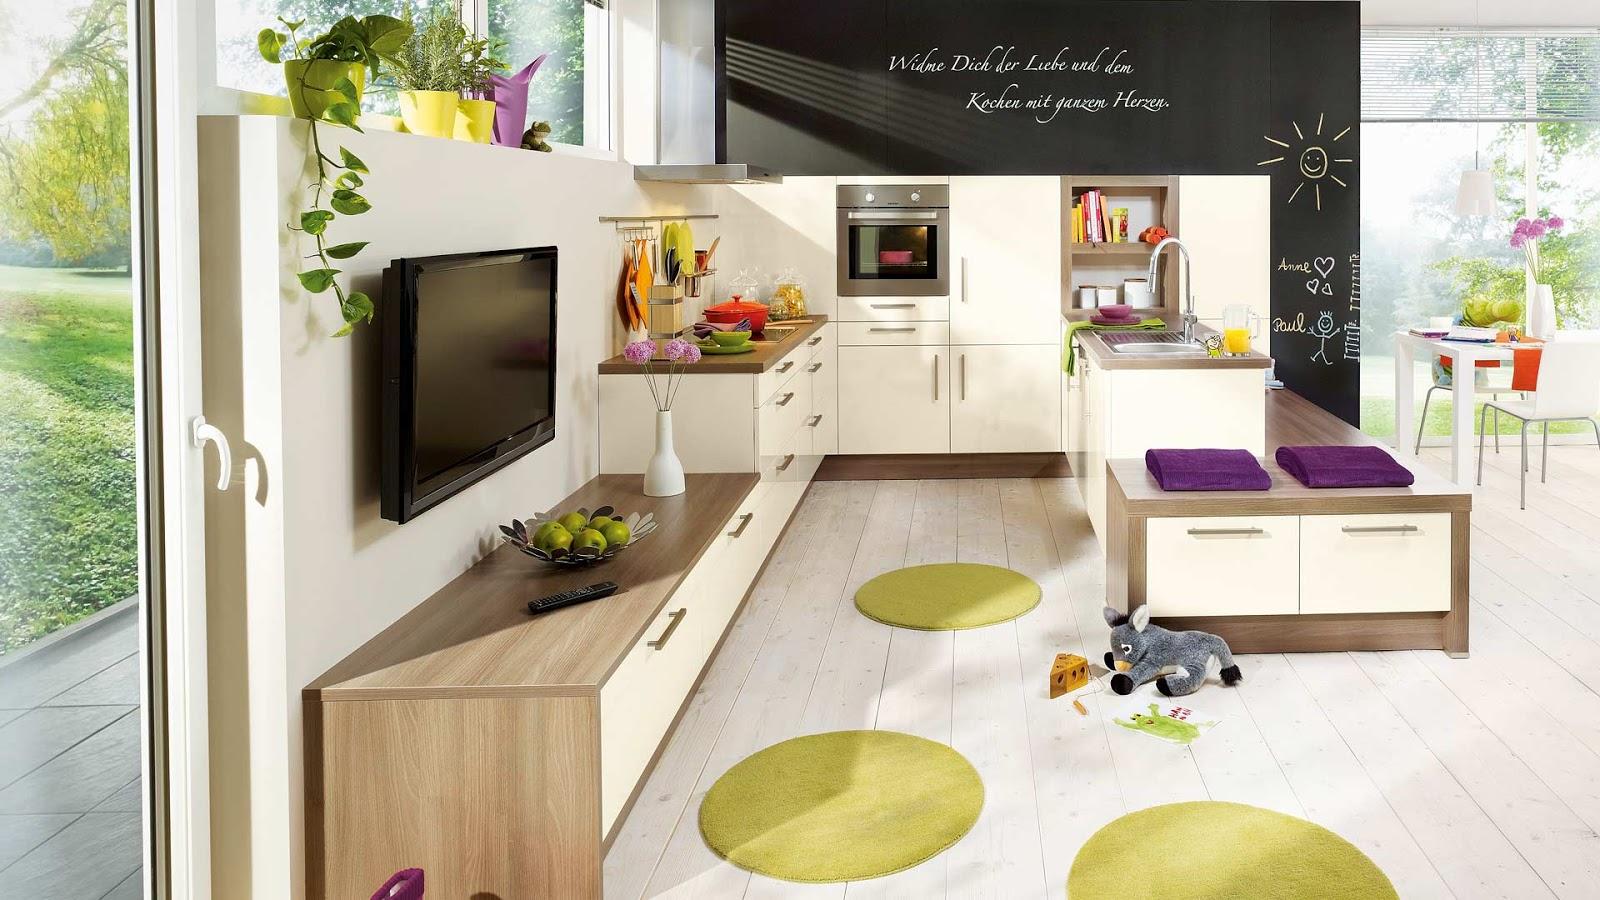 küchen aktuell düsseldorf rath öffnungszeiten  Home Design